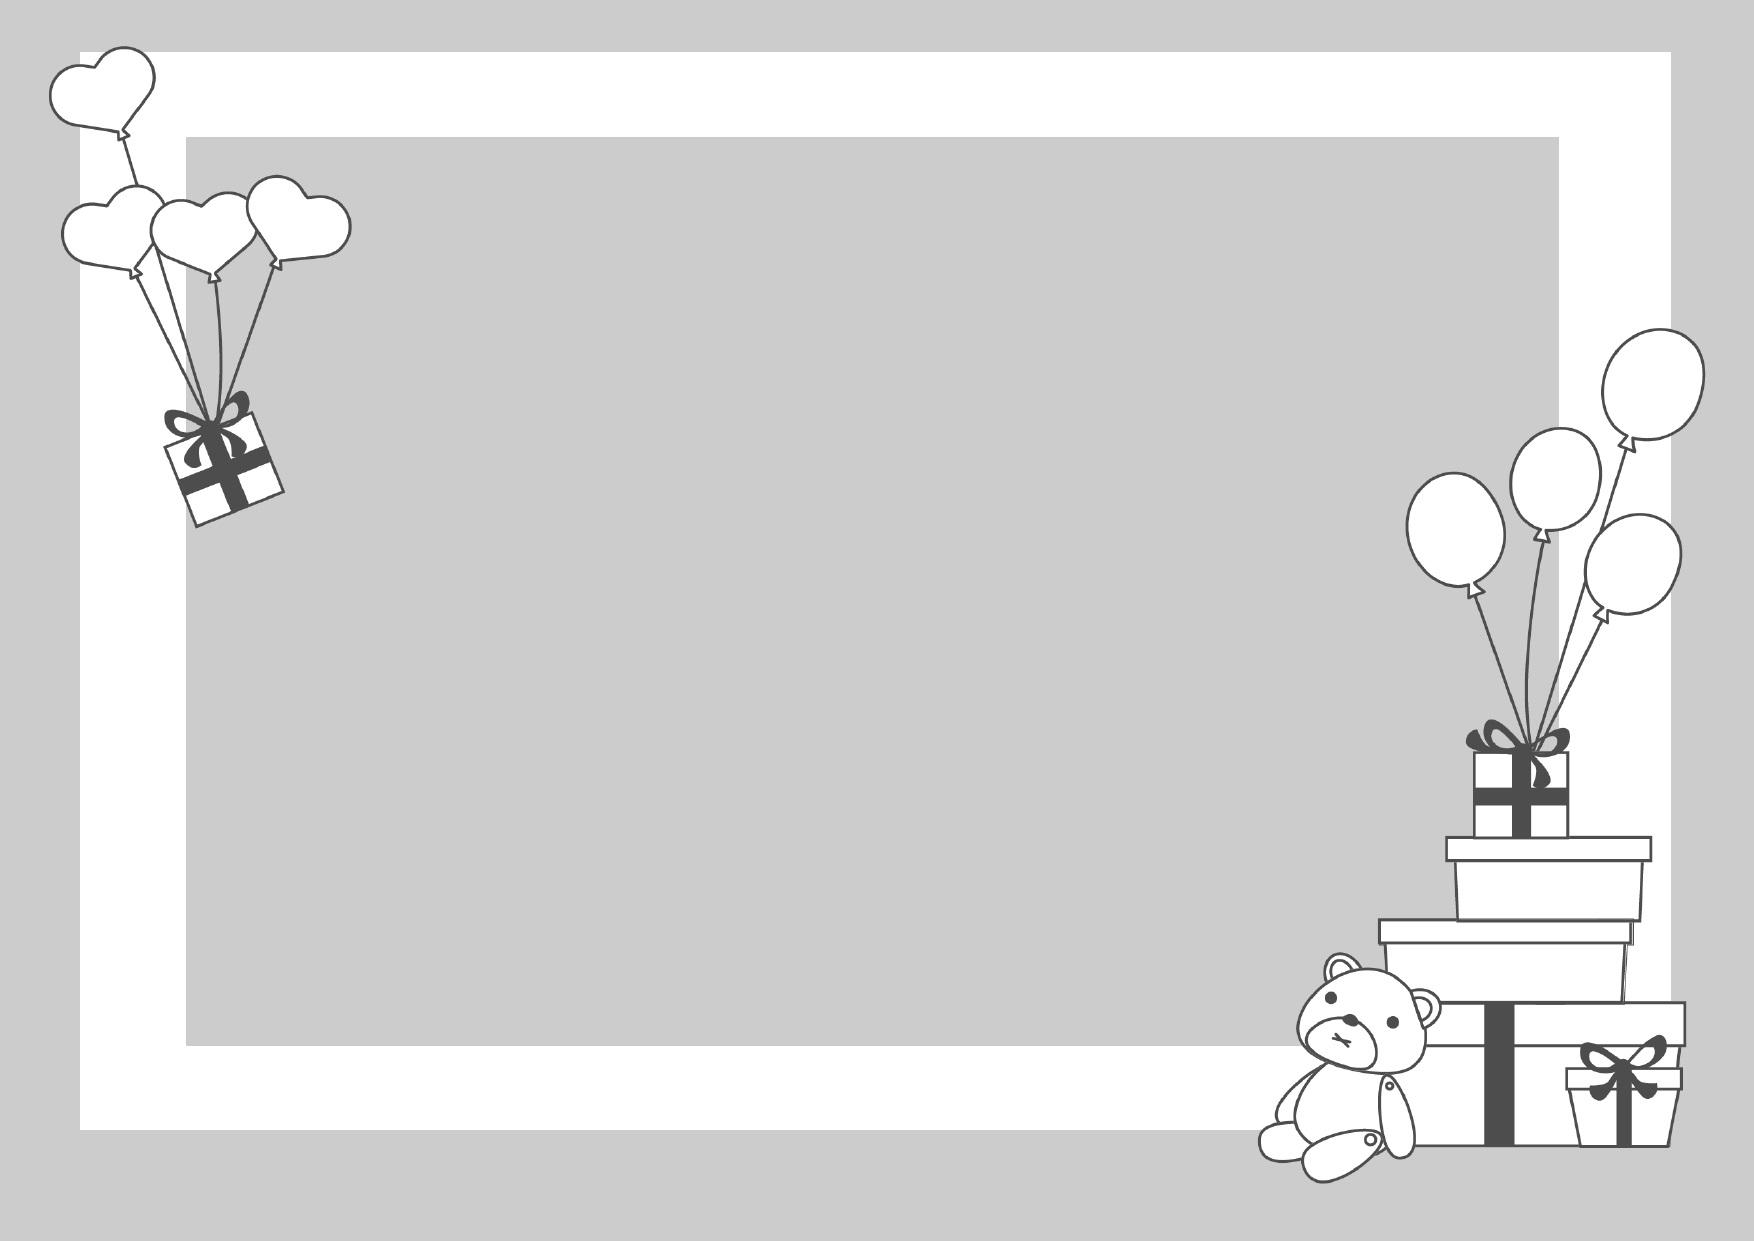 モノクロ(白黒)のプレゼントとクマのフレーム